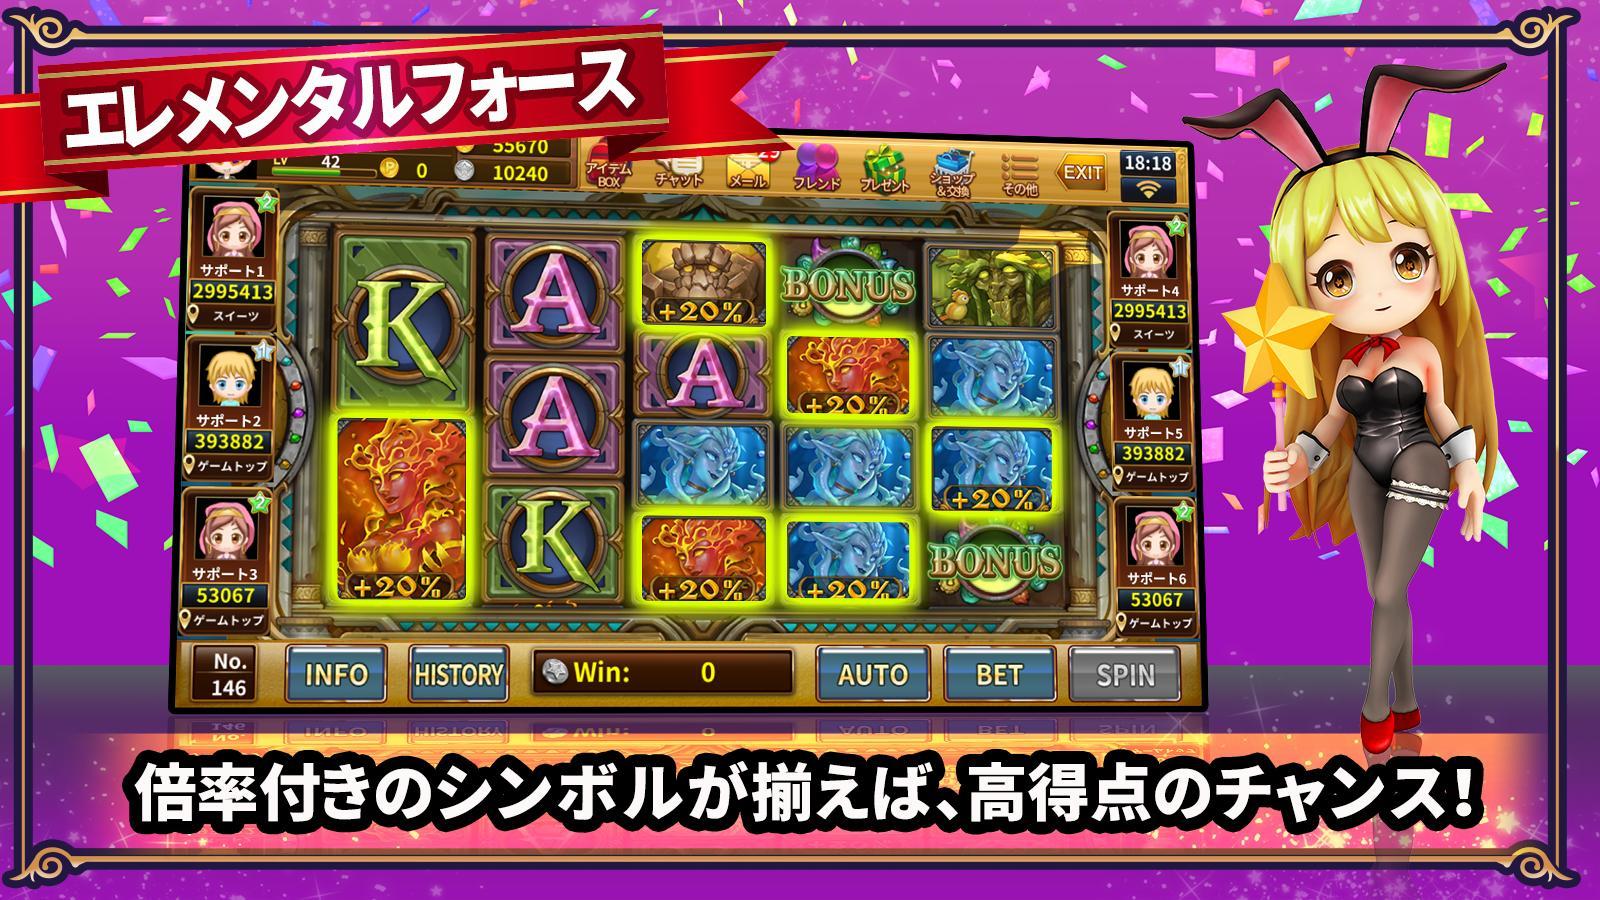 カジノ王国~無料カジノスロットゲーム~ 2.0 Screenshot 5